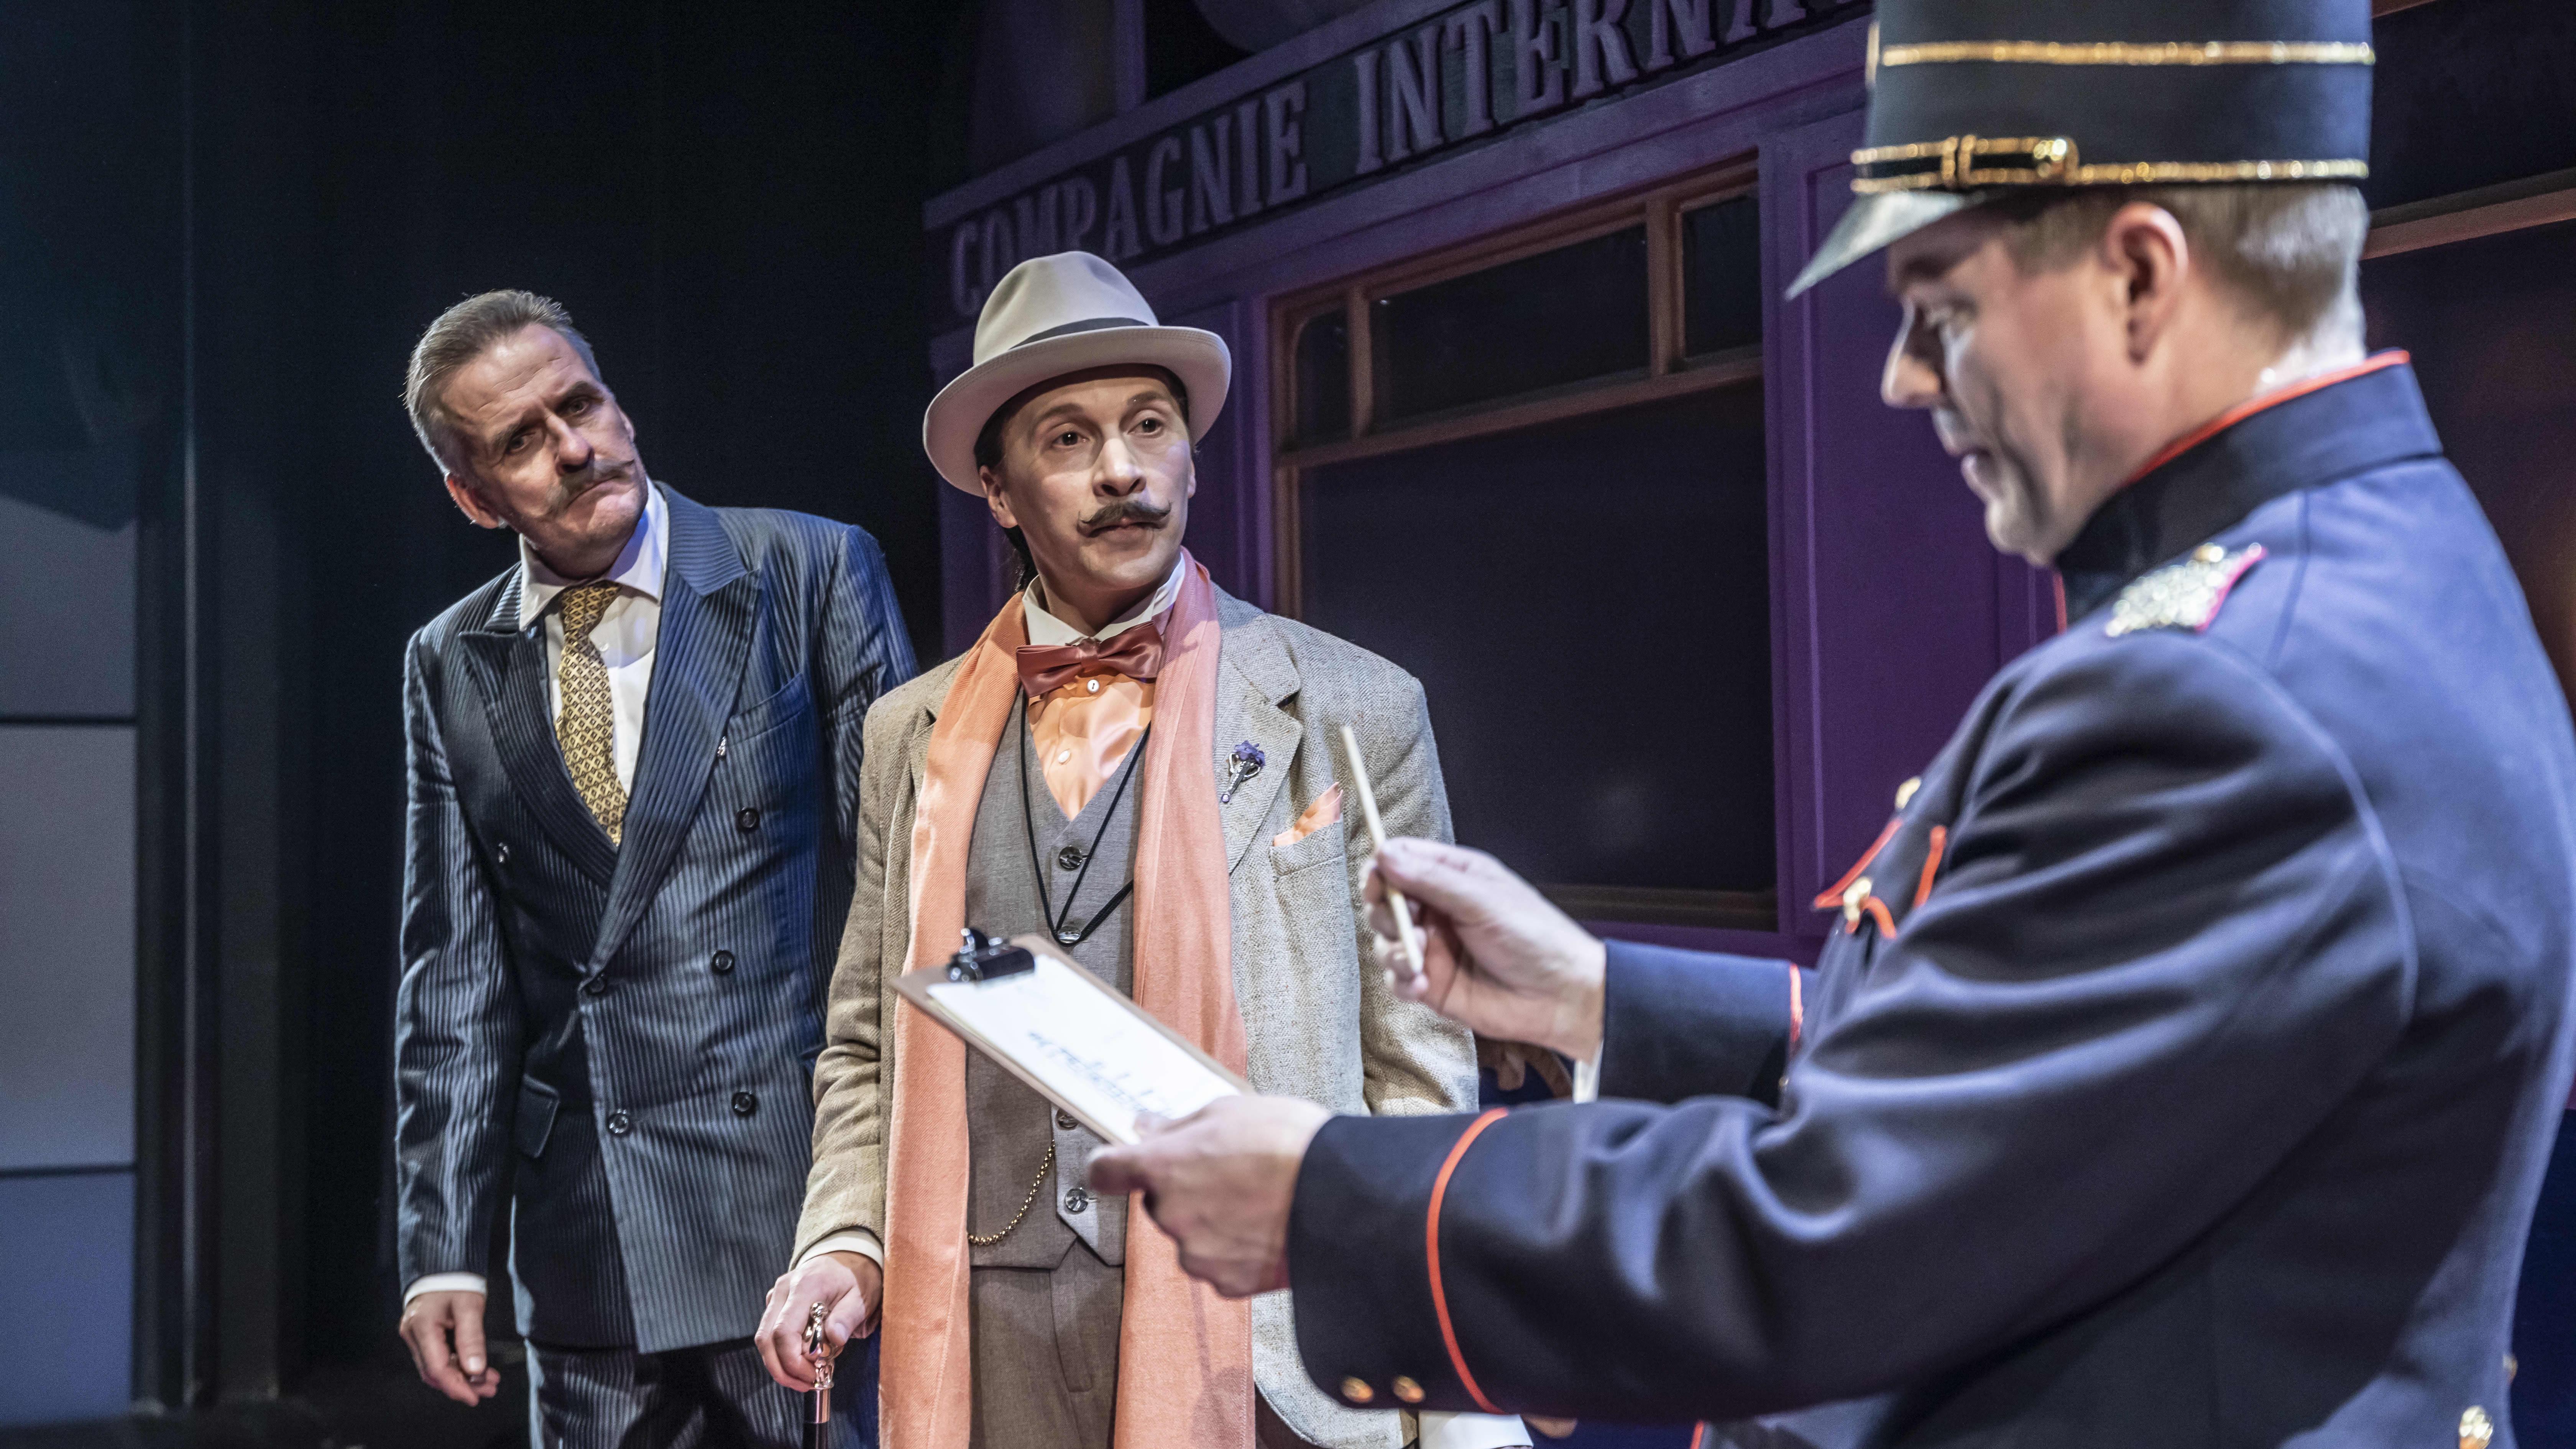 Kolme miestä junavaunussa: konduktööri ja kaksi matkustajaa.